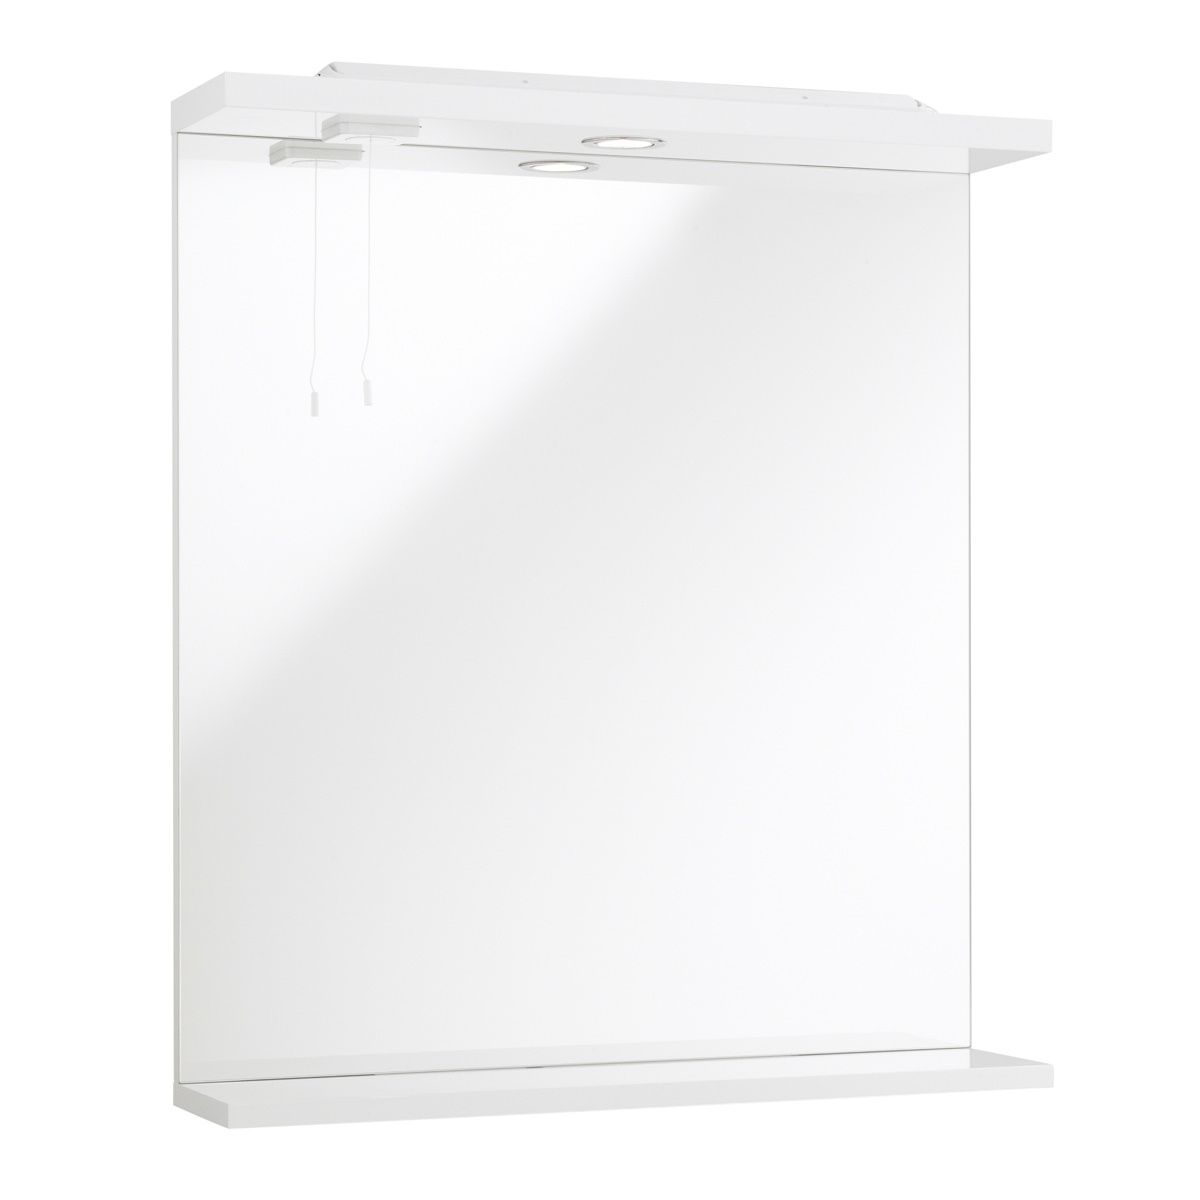 Kartell Impakt Mirror and Light 450mm